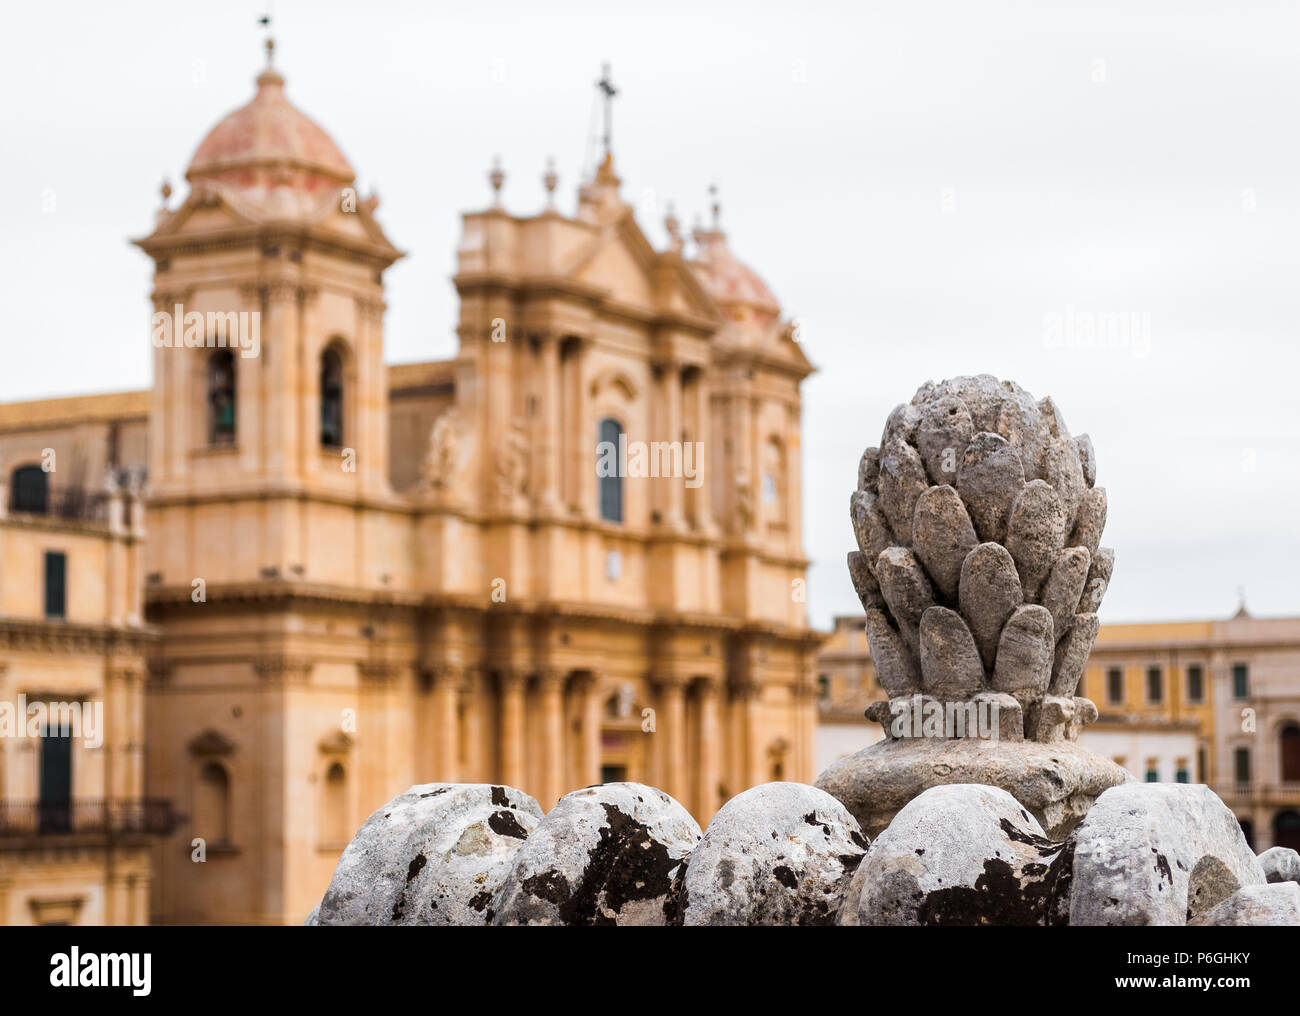 Barocke Ornament in Erice (Sizilien, Italien); im Hintergrund verschwommen Blick auf die Kathedrale. Stockbild